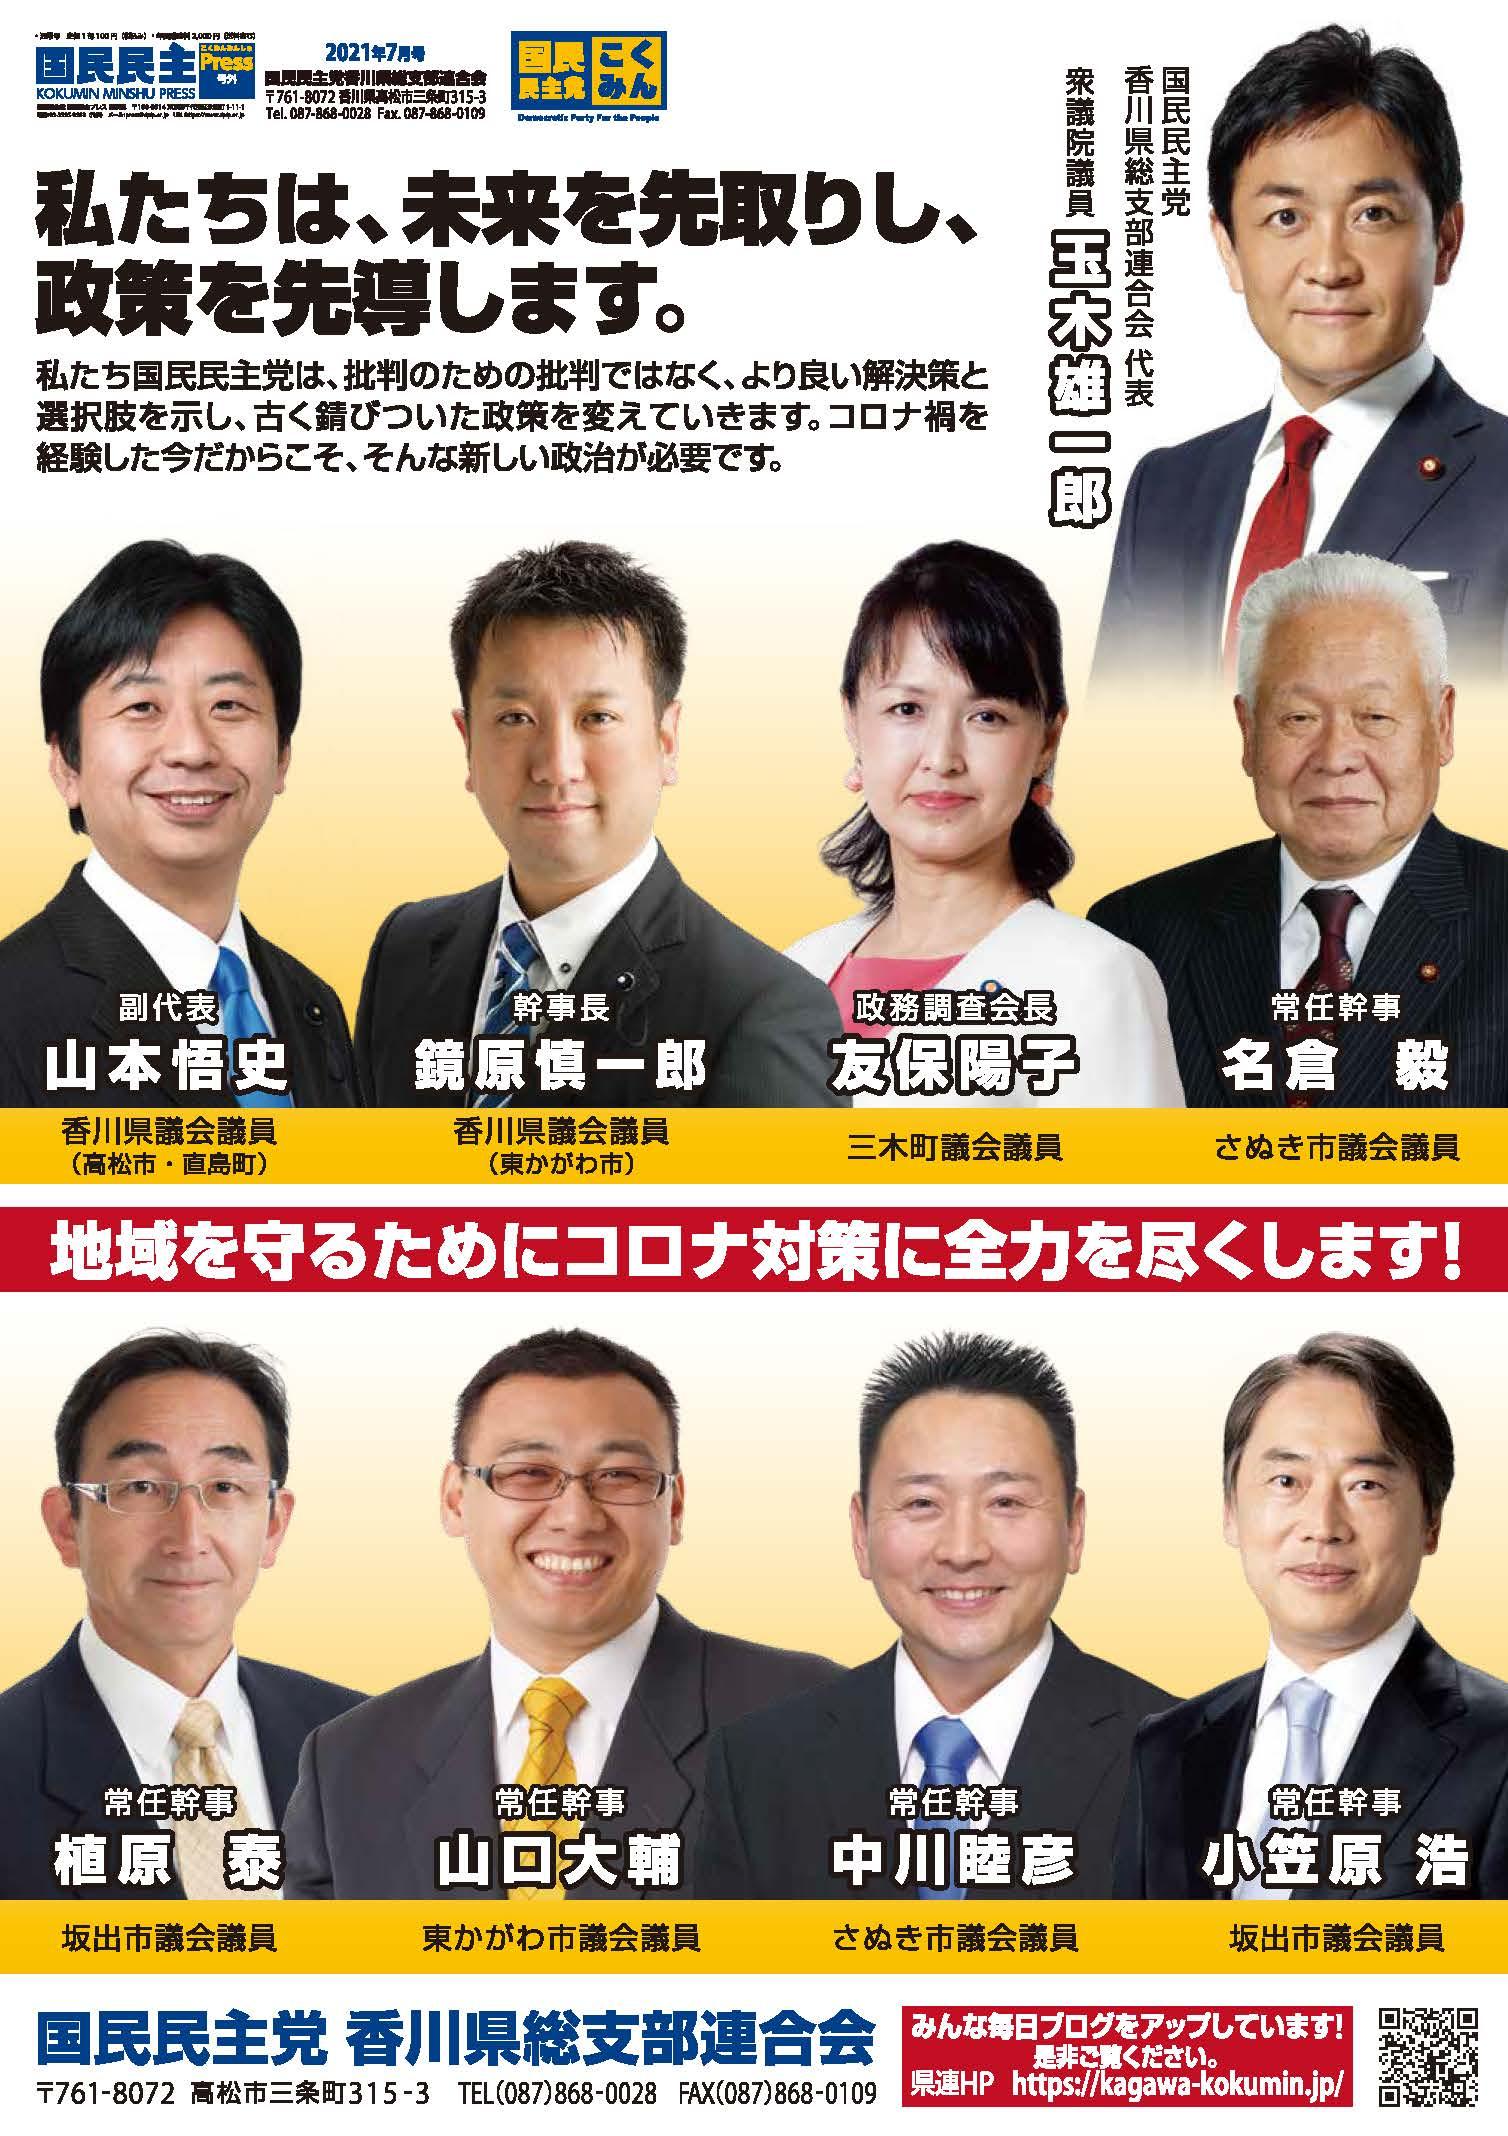 2021/07/15発行 国民民主党B4折込